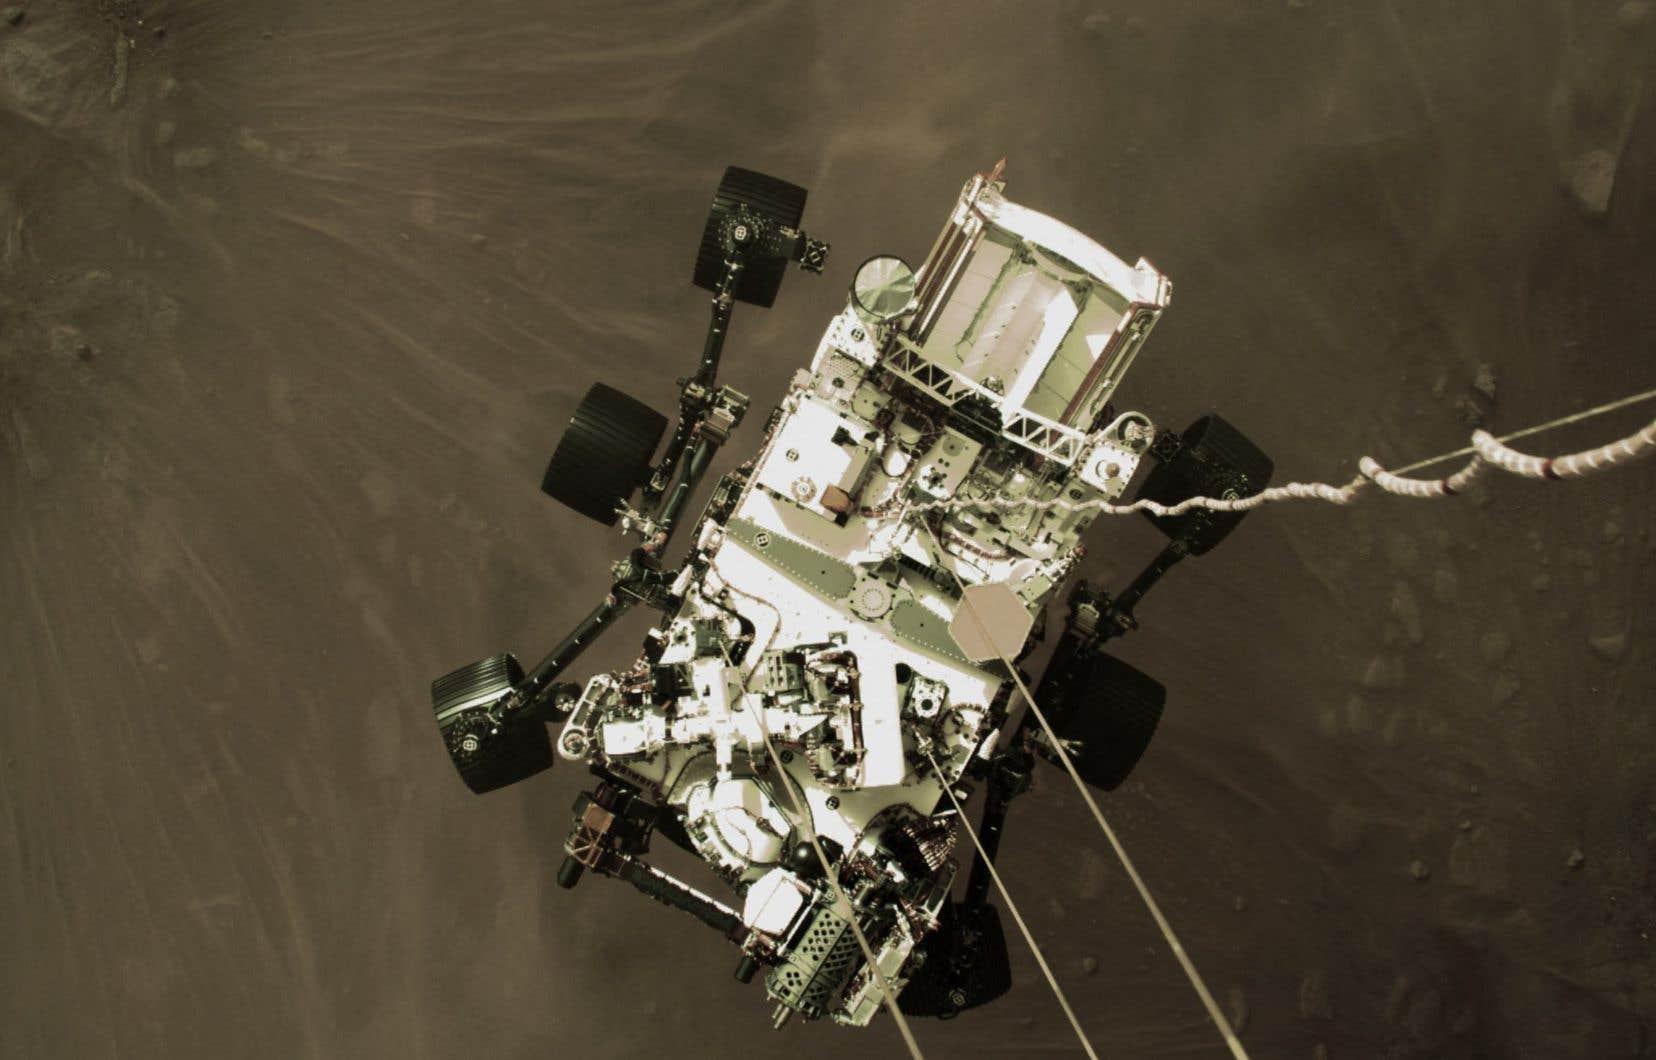 Cette photo publiée par la NASA montre l'astromobile «Perseverance» être peu à peu déposée au sol, suspendue par trois câbles,à la surface de Mars le 18 février 2021.